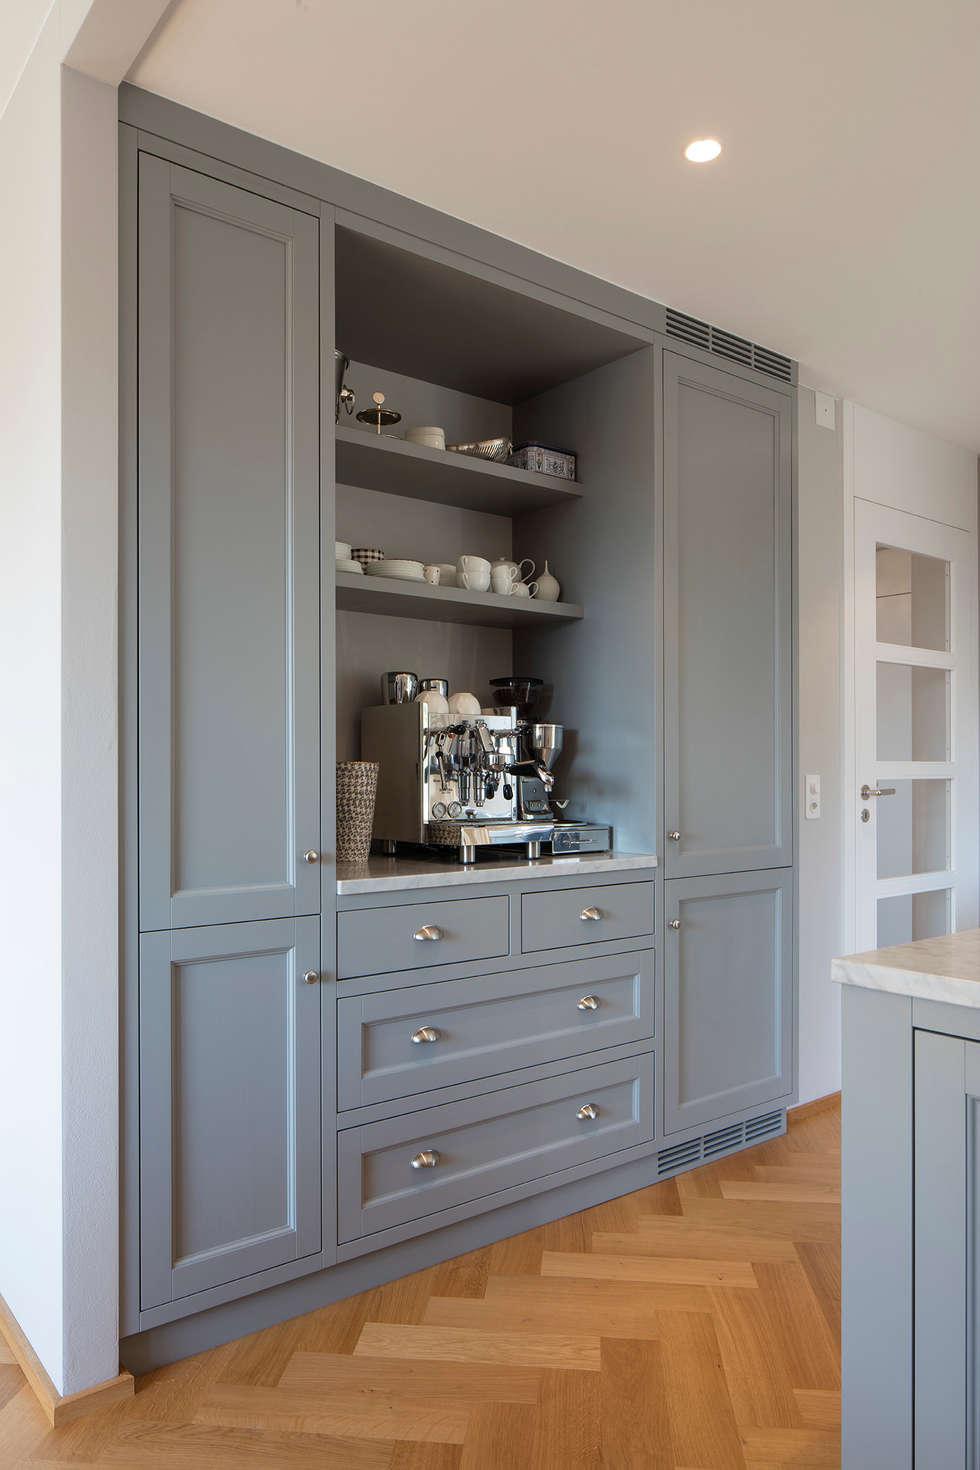 Ziemlich Shaker Küchenschrank Bilder Bilder - Ideen Für Die Küche ...